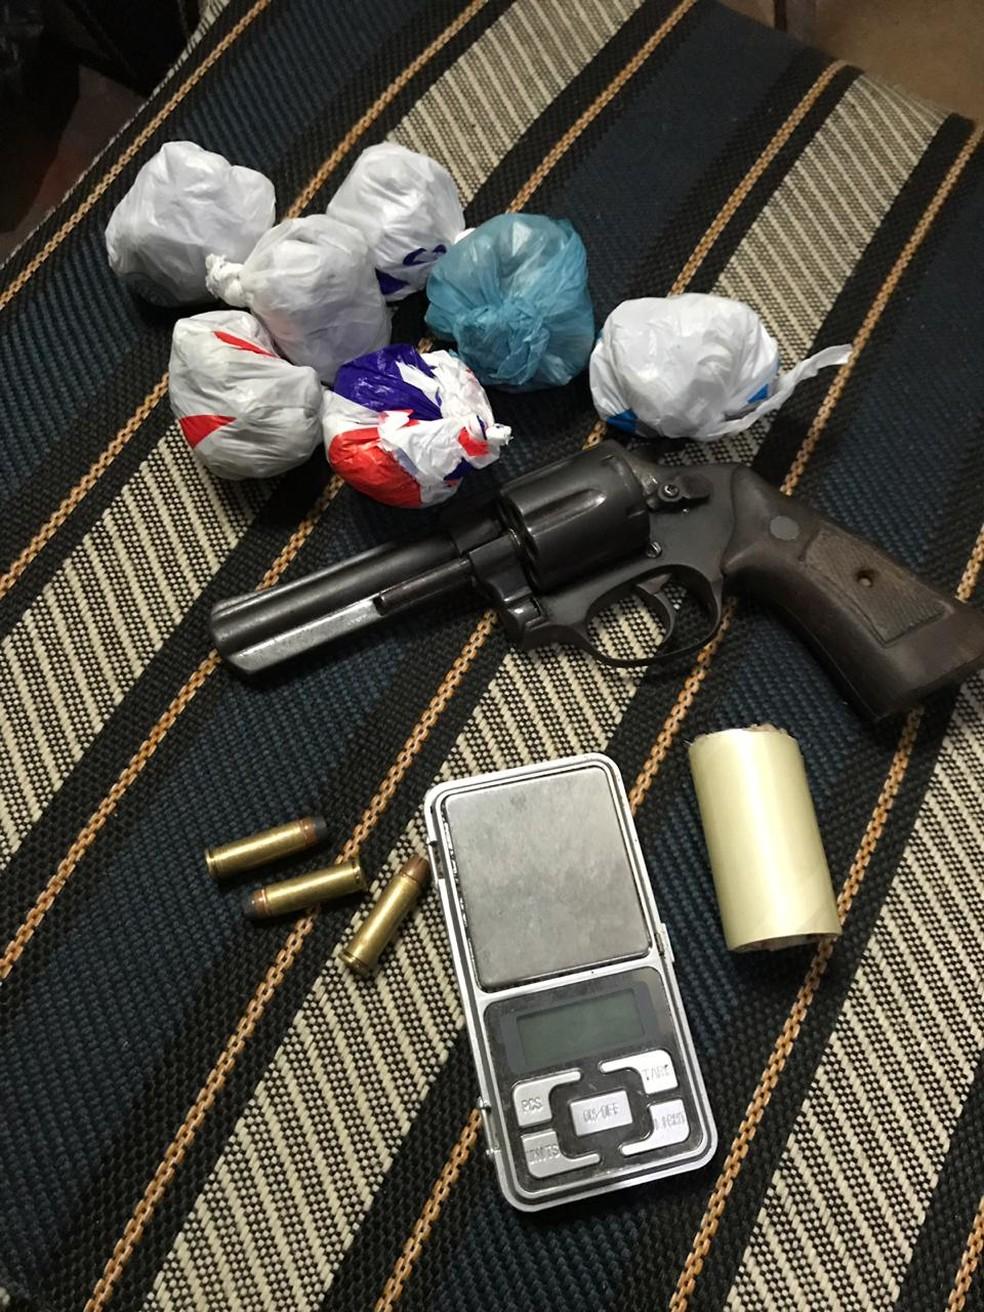 Uma arma de fogo e drogas foram apreendidas com o bando. — Foto: Divulgação/Polícia Militar